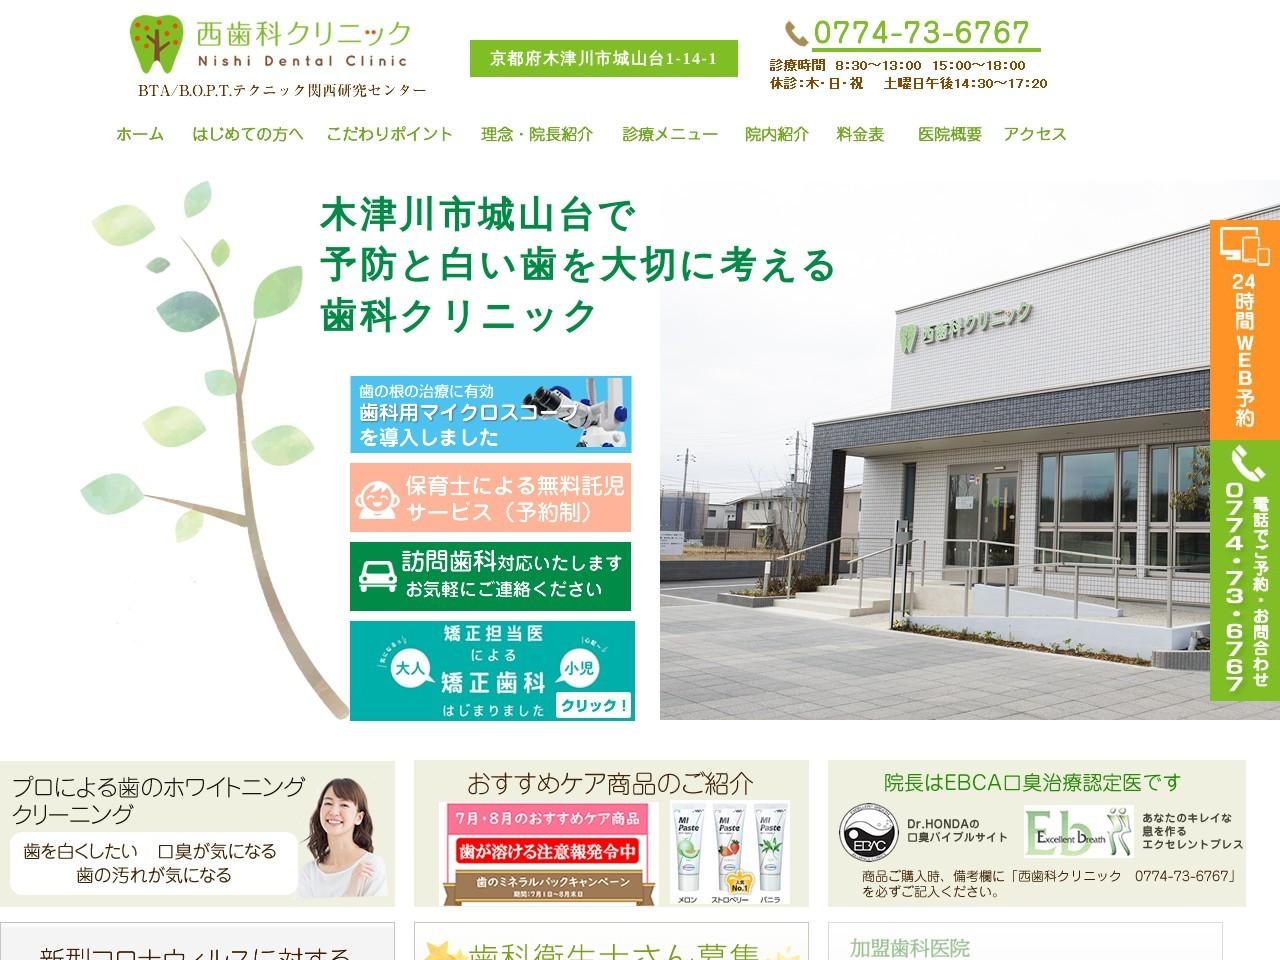 西歯科クリニック (京都府木津川市)